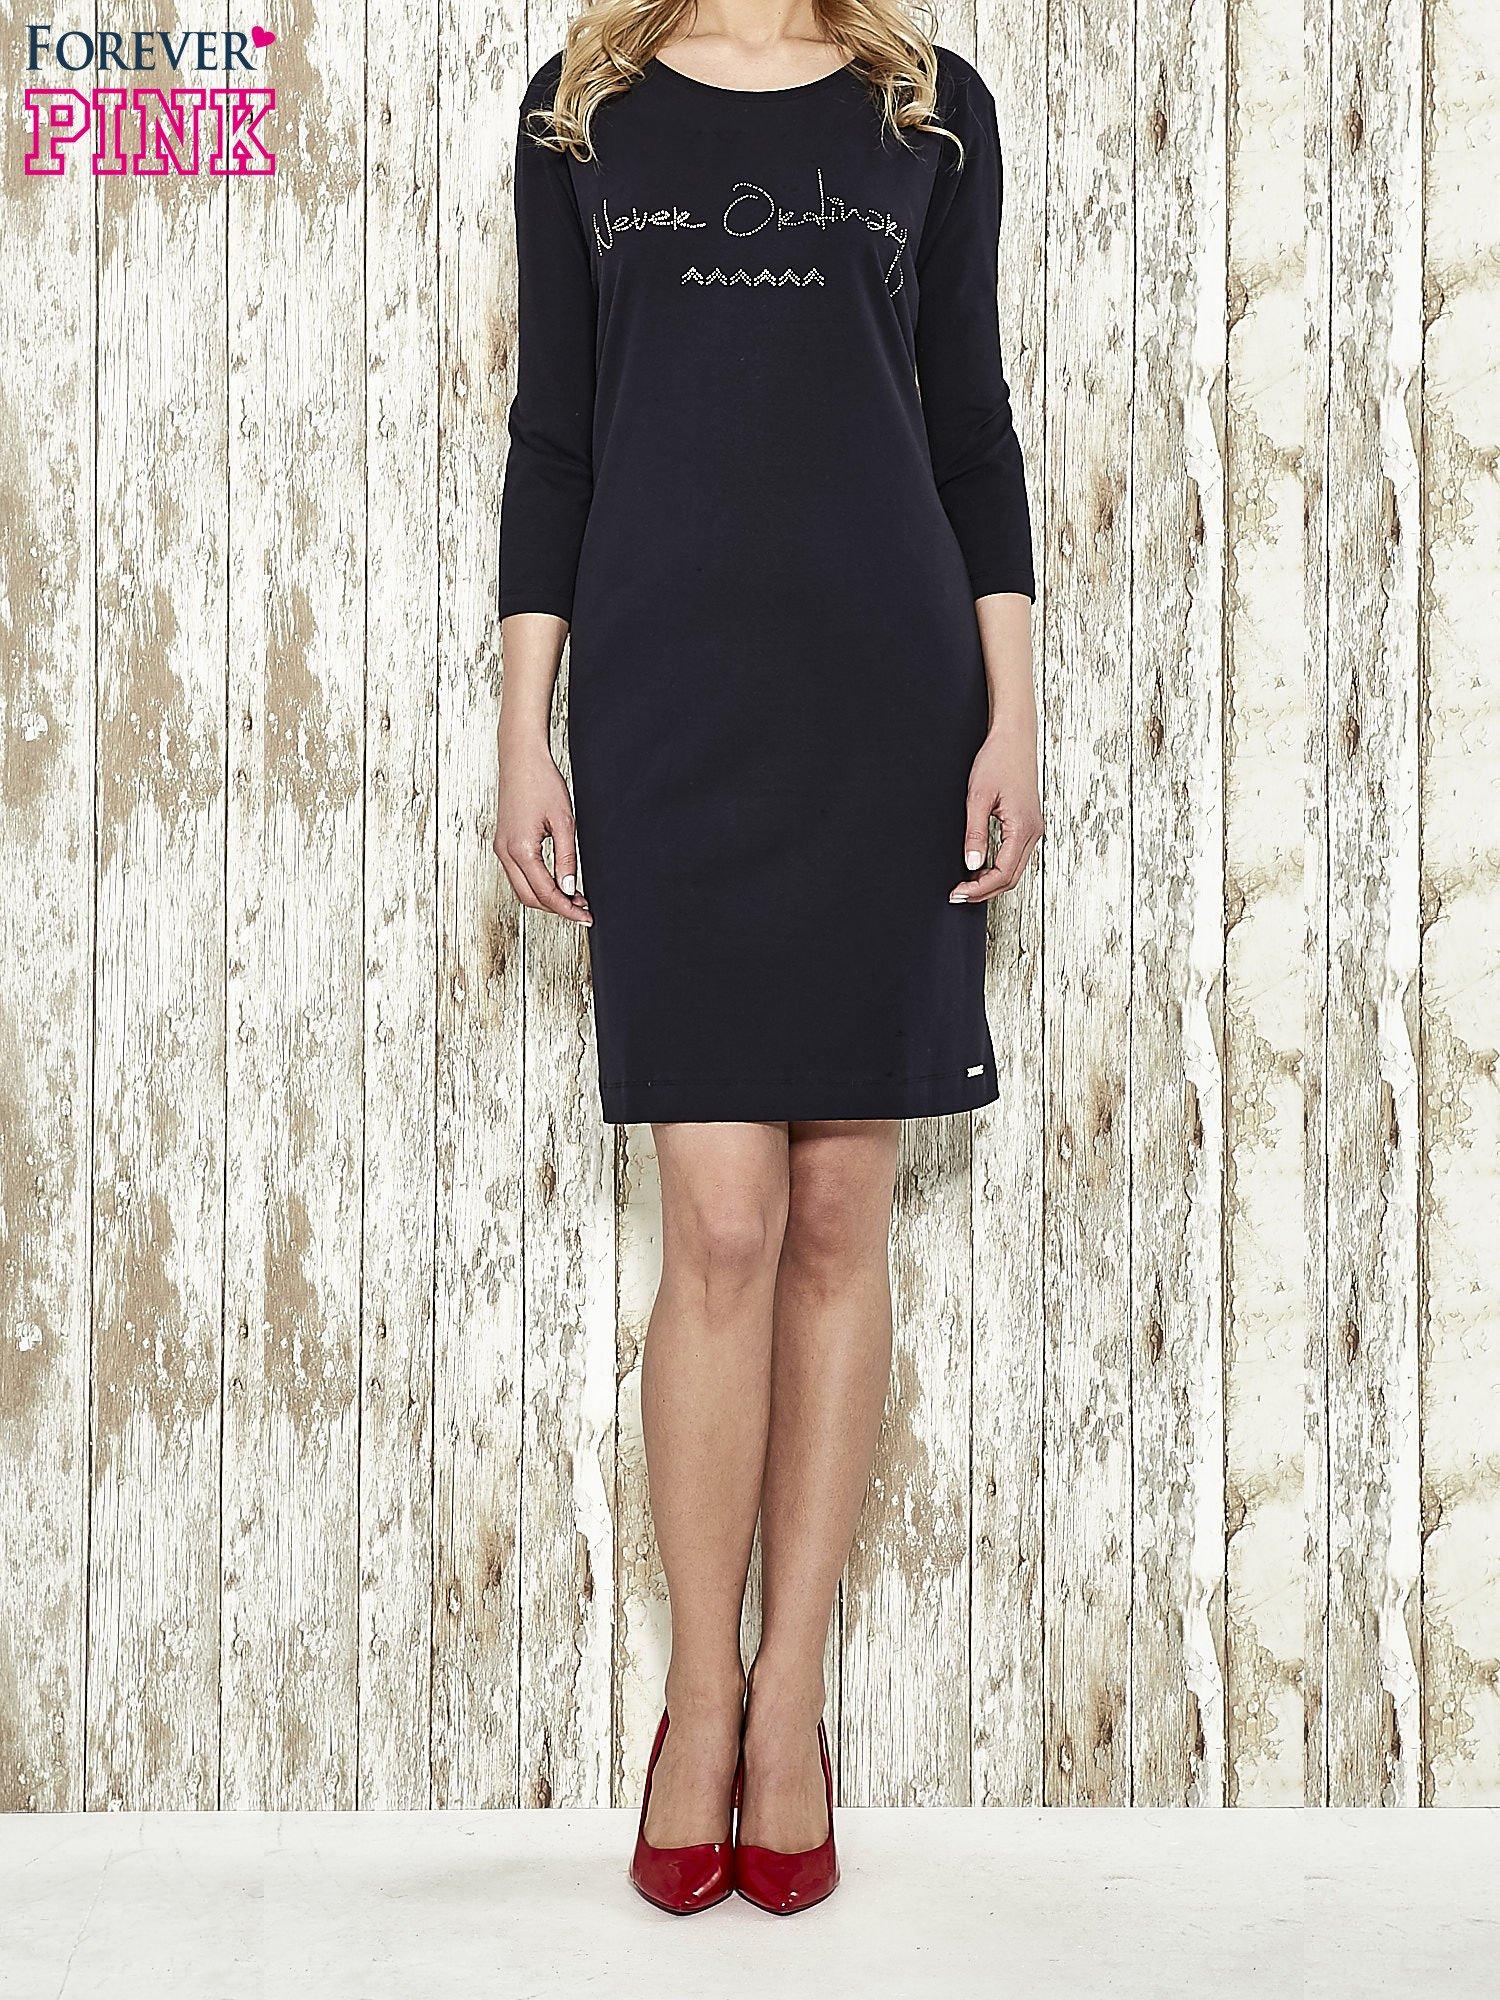 Ciemnogranatowa sukienka dresowa z aplikacją NEVER ORDINARY z cyrkonii                                  zdj.                                  3